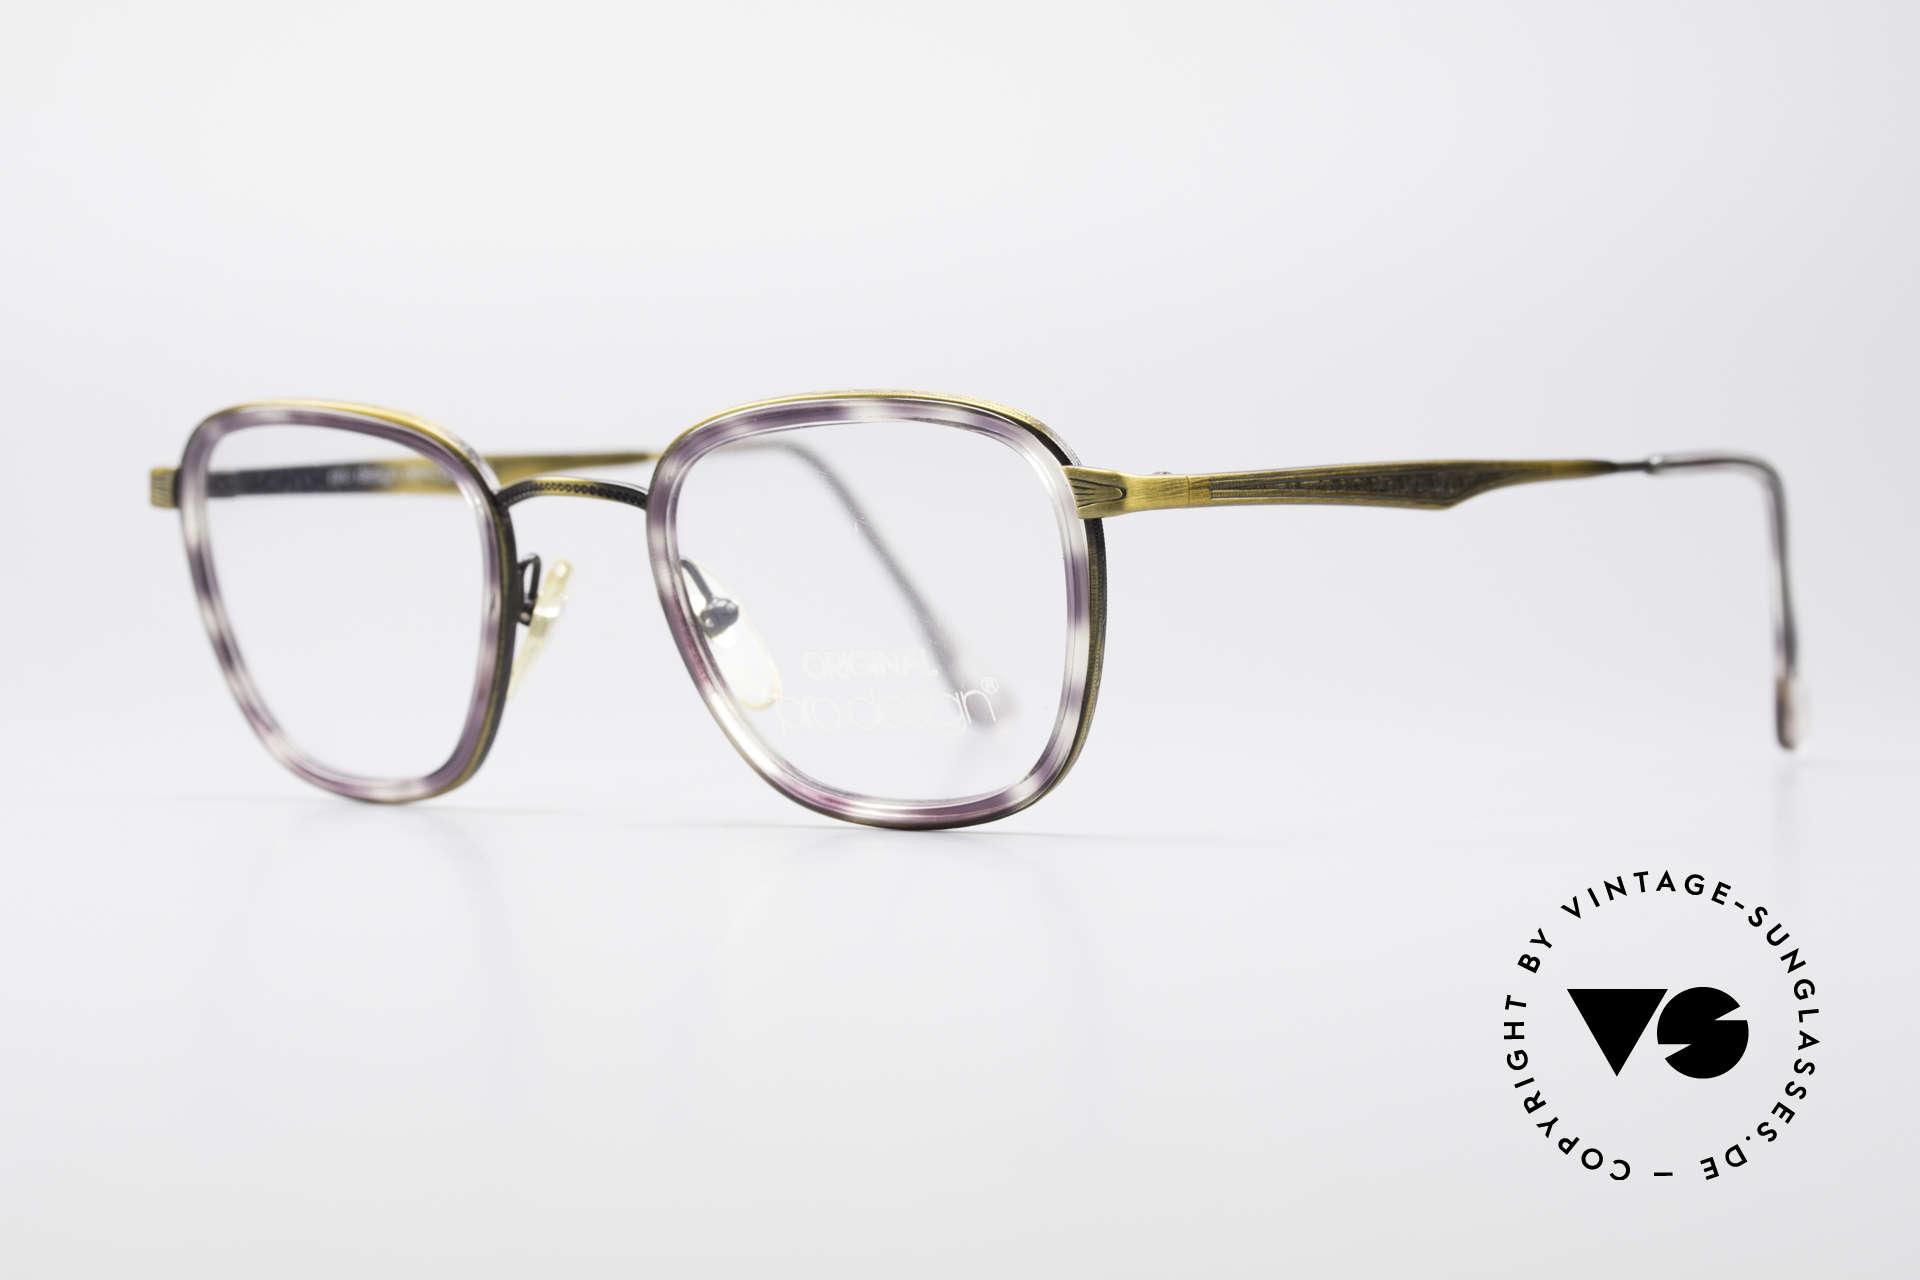 ProDesign Denmark Club 88A Vintage Brille, Brücke & Metallbügel mit aufwändigen Gravuren, Passend für Herren